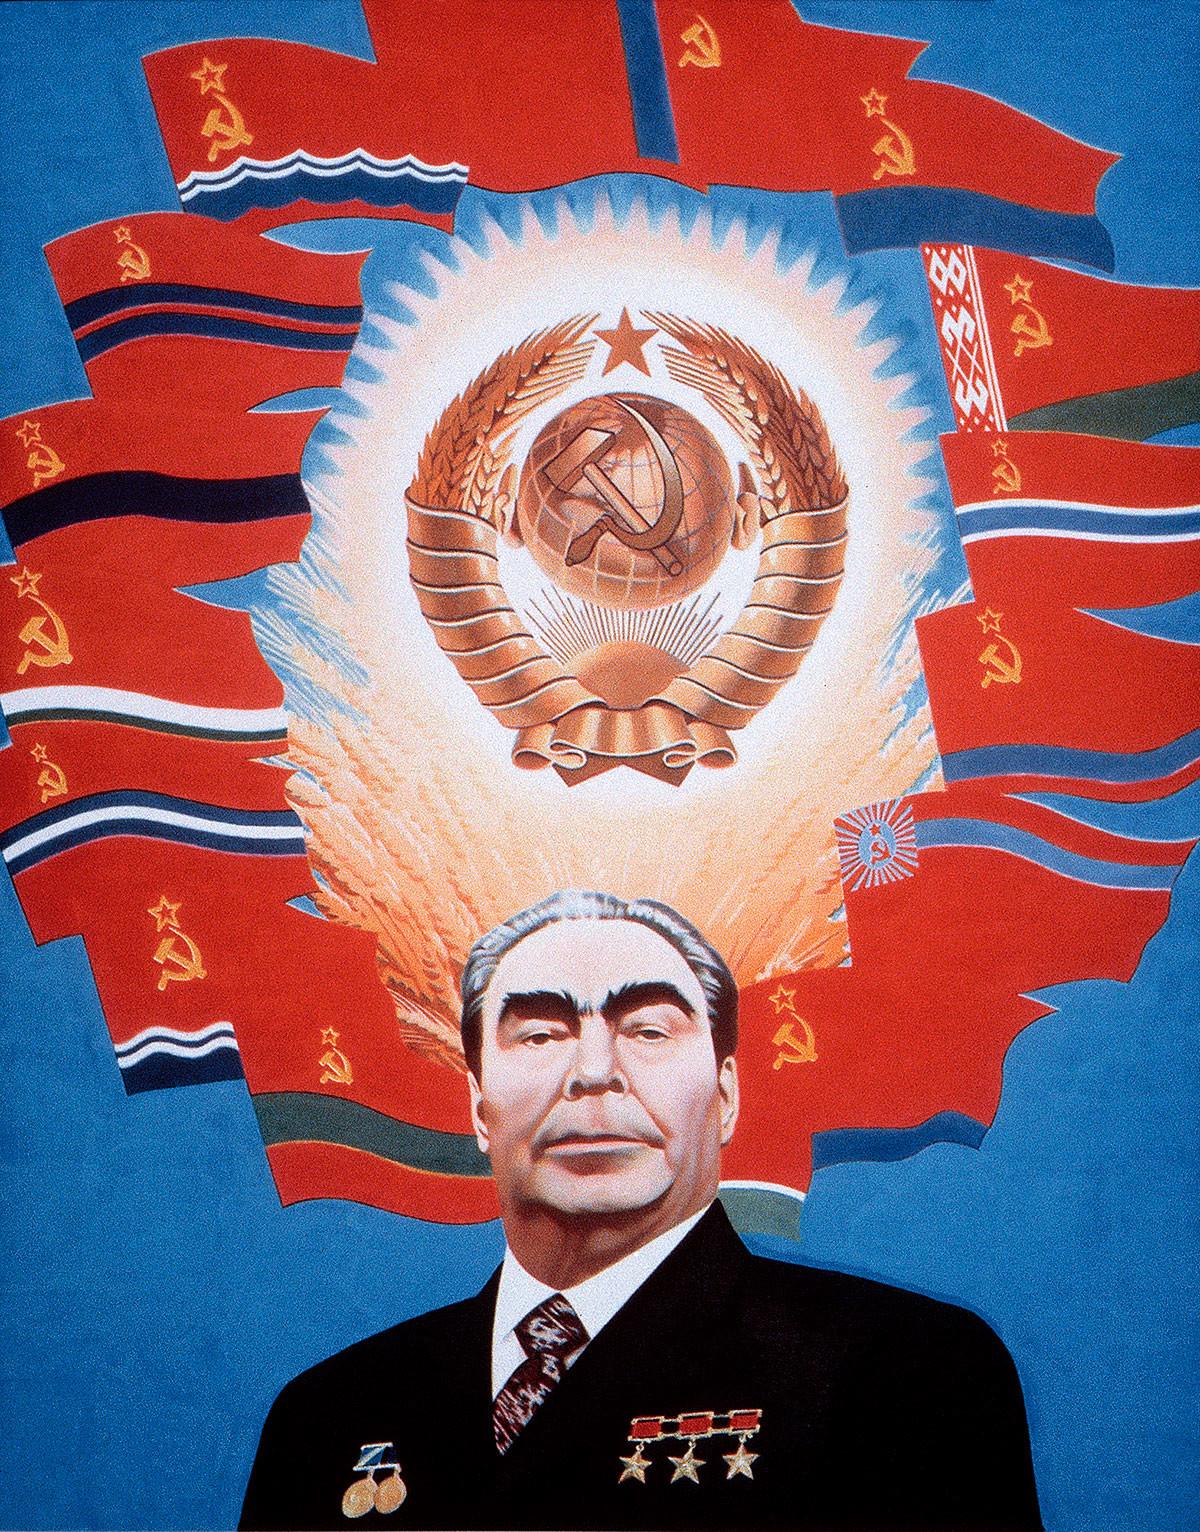 Brejnev. Espace soviétique par Erik Boulatov, 1977